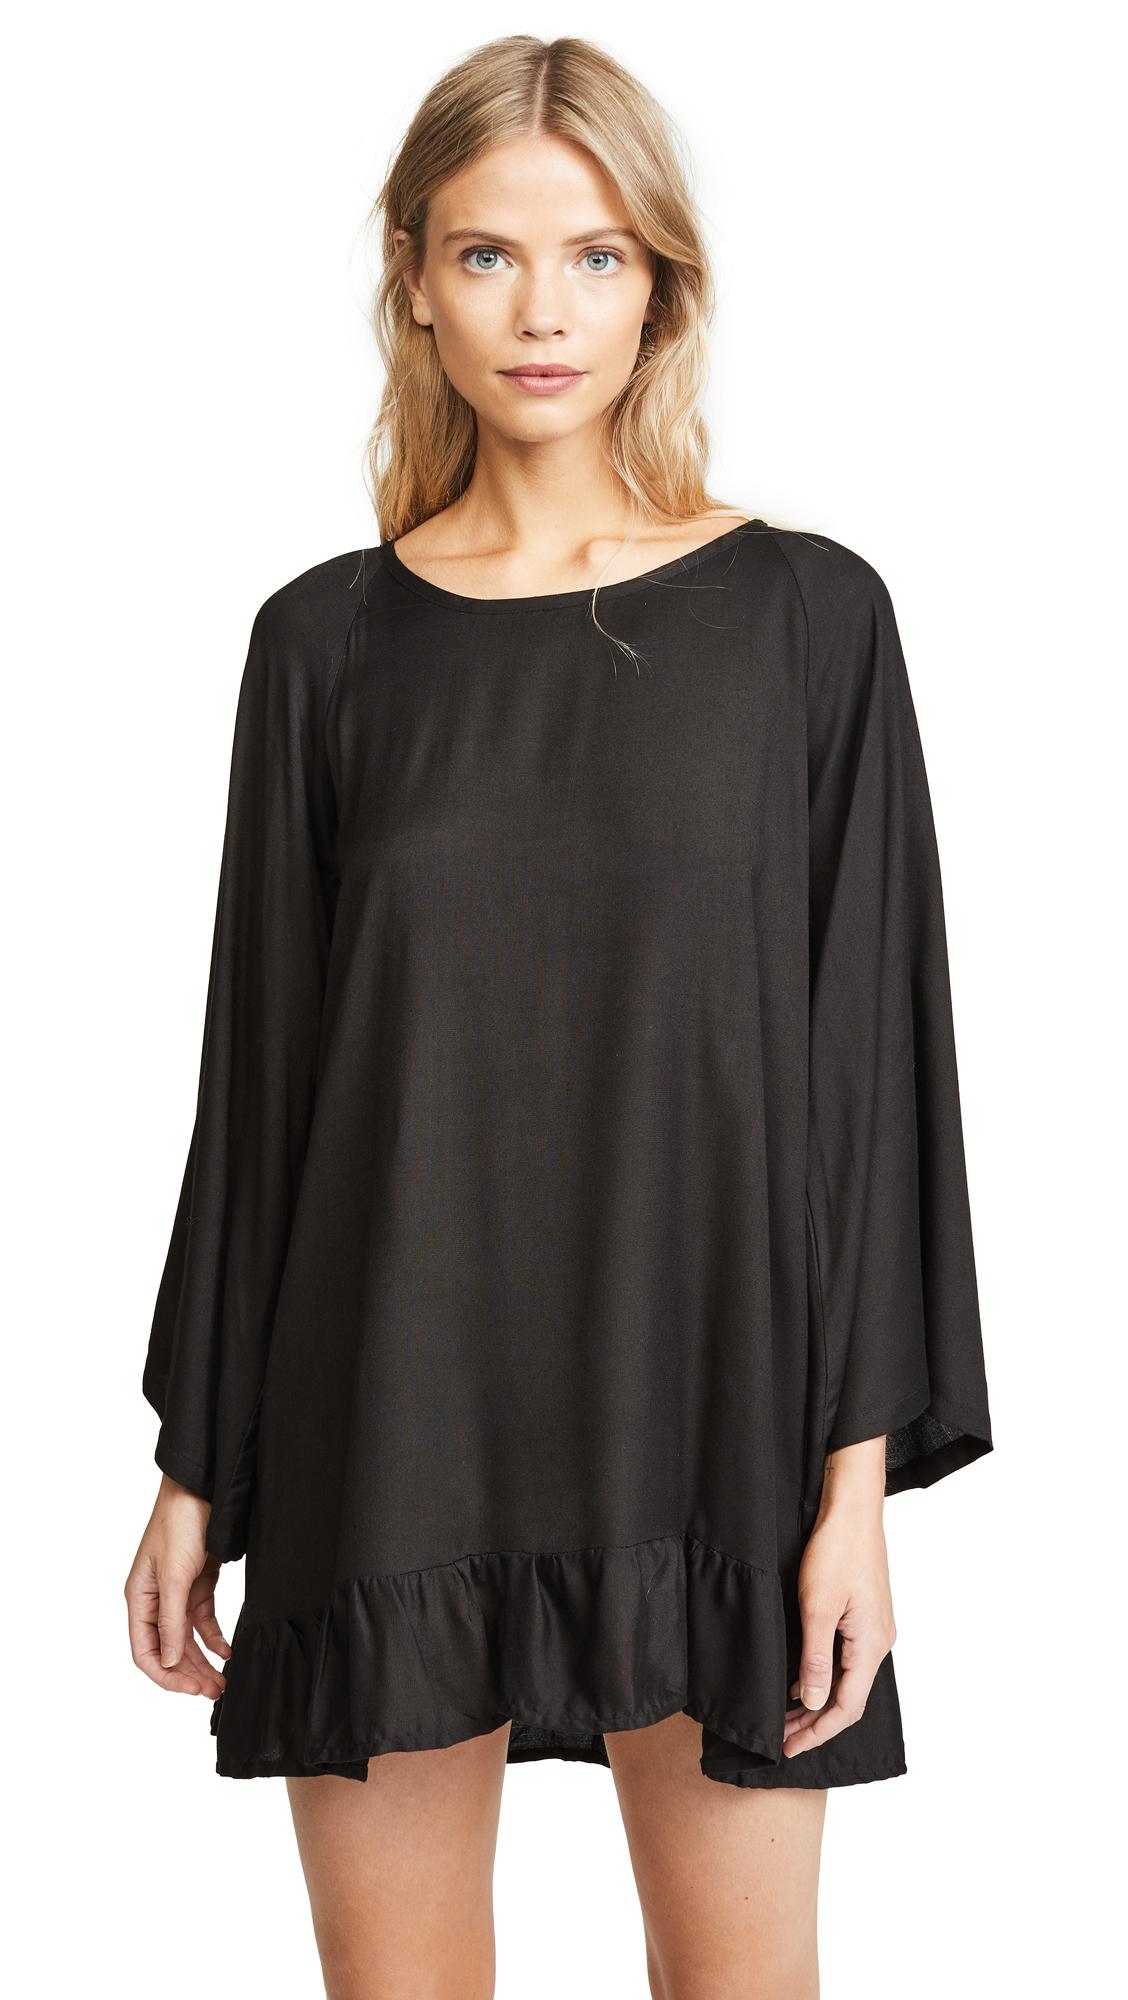 SUNDRESS Indiana Basic Short Beach Dress - Black/Turquoise